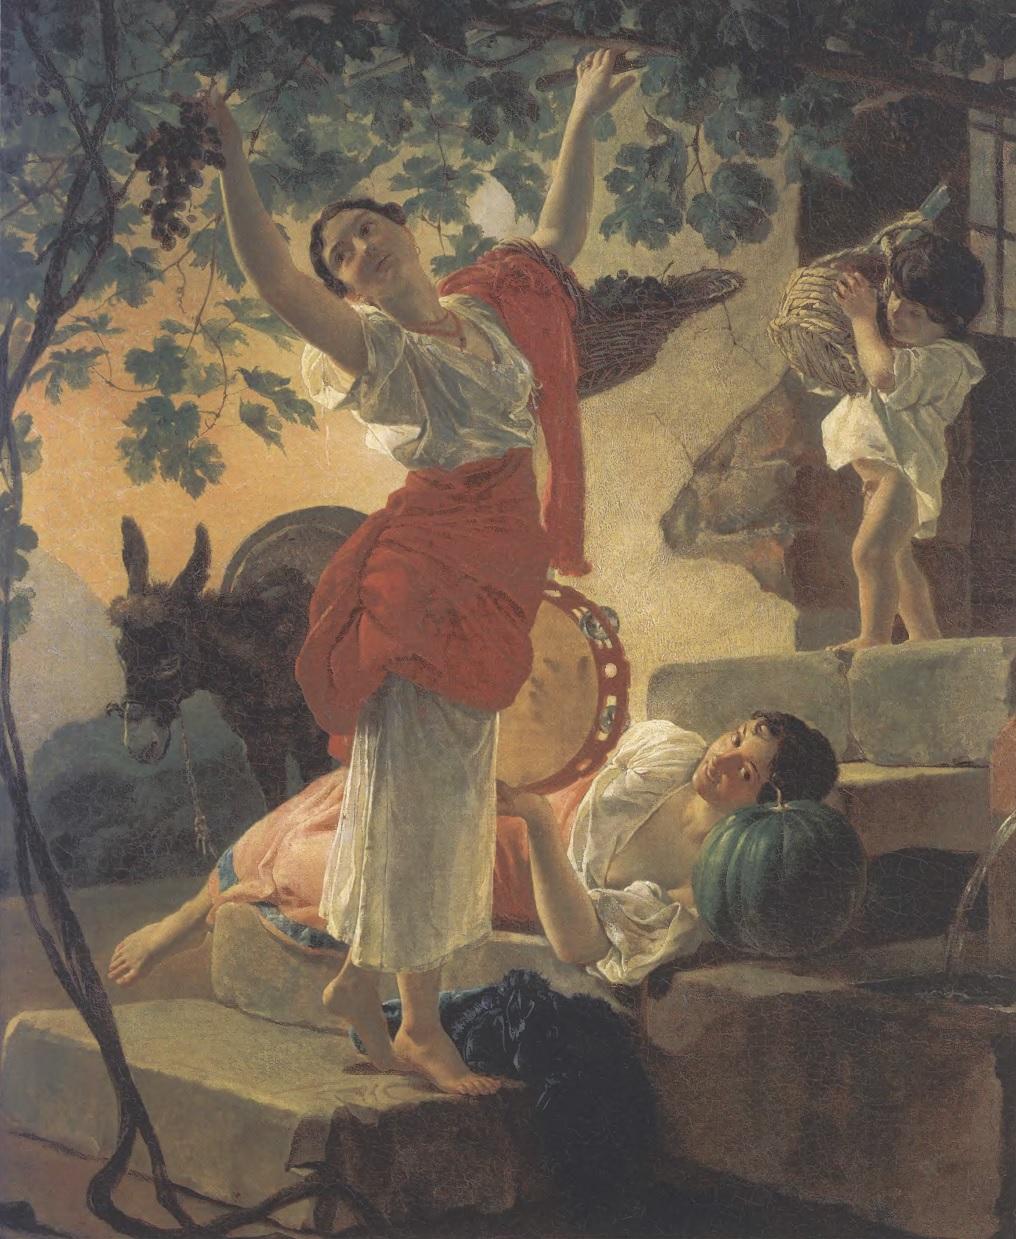 КАРЛ БРЮЛЛОВ. Девушка, собирающая виноград в окрестностях Неаполя. 1827. Холст, масло. 62 X 52,5 см. Государственный Русский музей